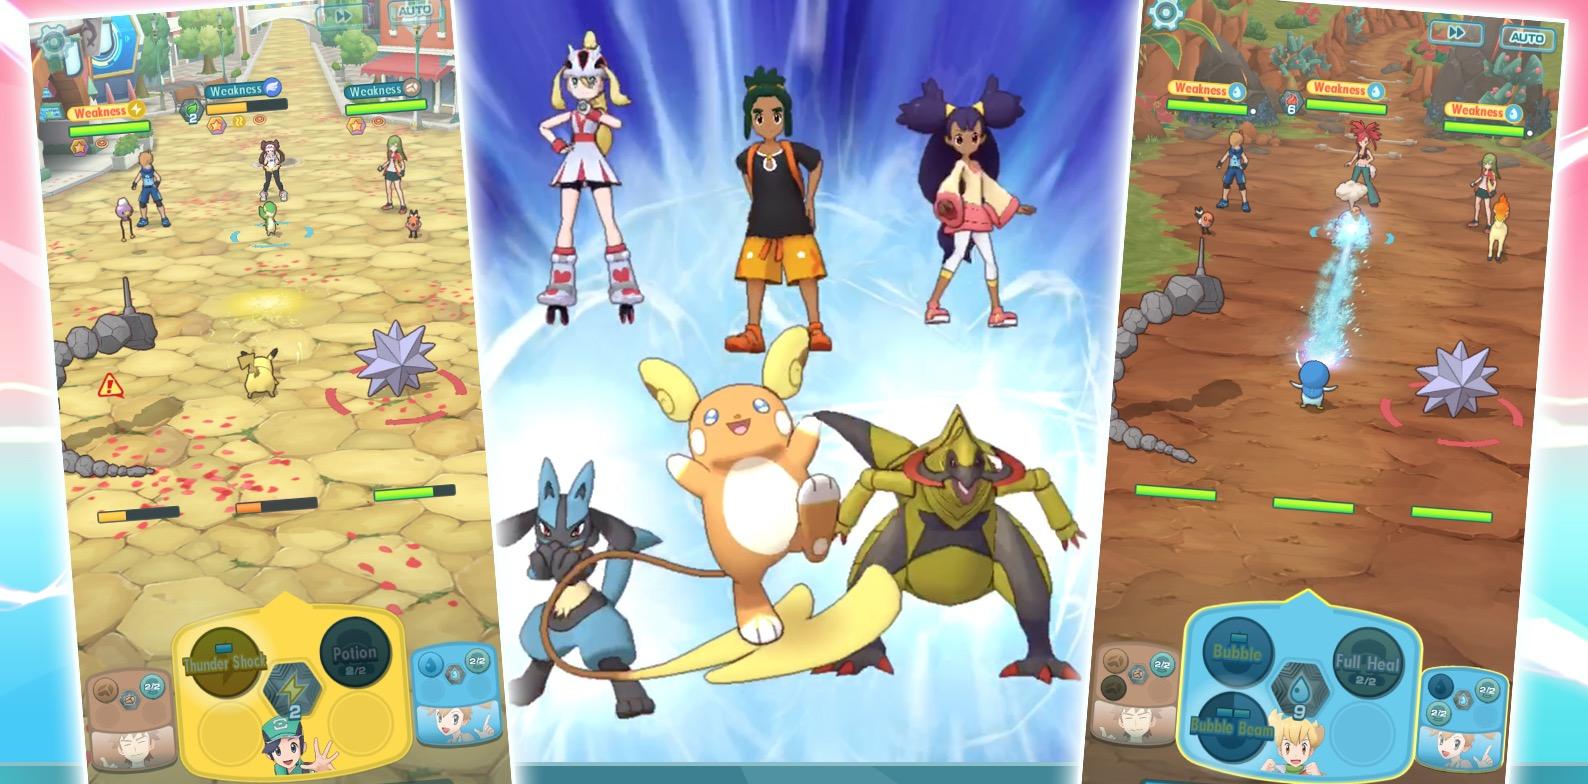 Kostenlose Pokemon Masters für iOS und Android. Dies ist ein Spiel, in dem ... Pokemon Trainer gesammelt werden 3